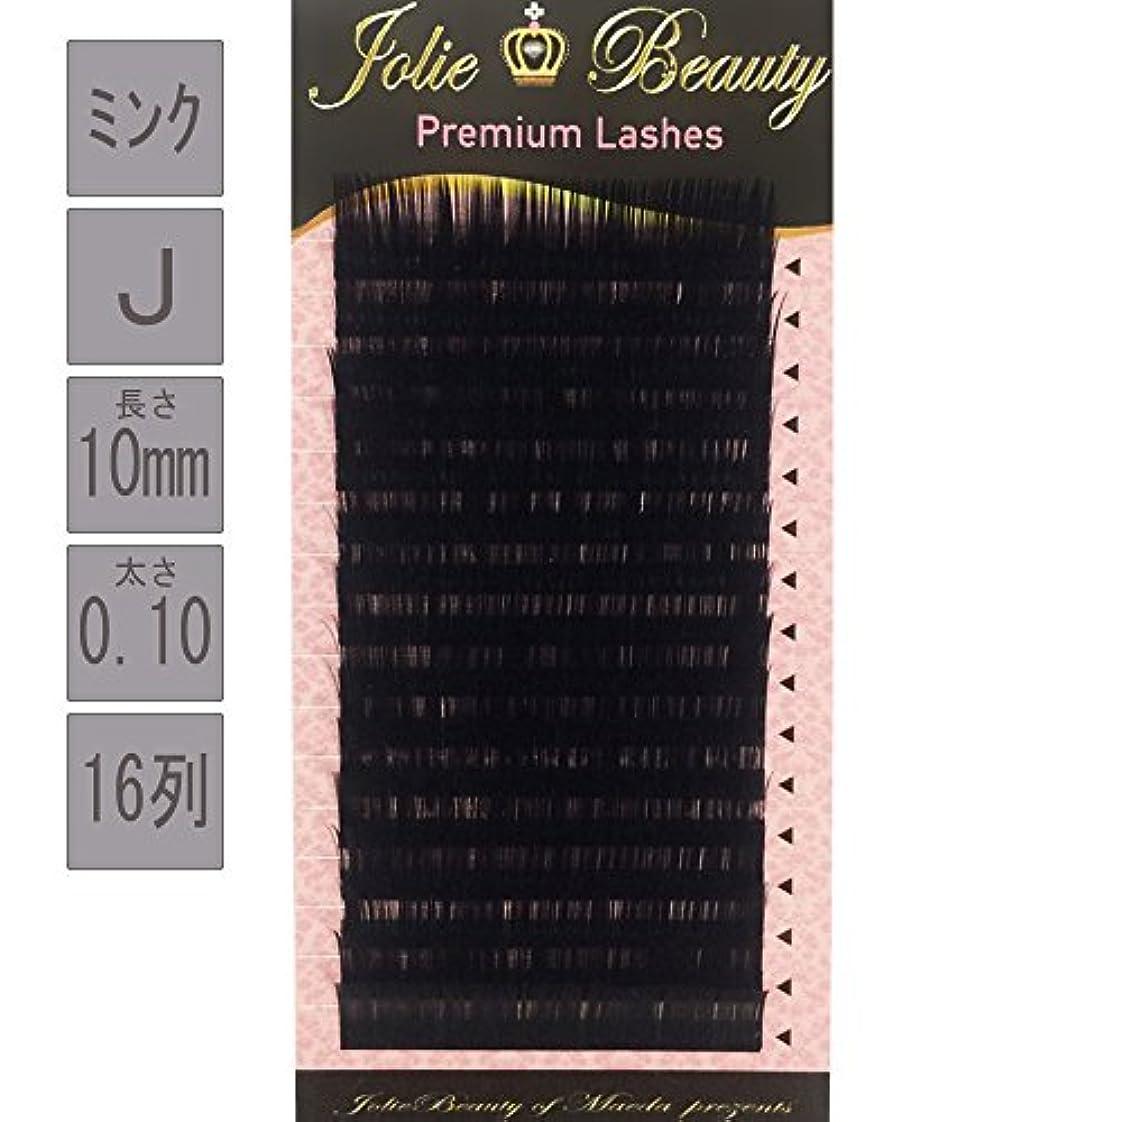 まつ毛 エクステ 長さ 10mm ( 10ミリ ) 太さ 0.10 0.15 0.18 0.20 0.25 MINK ( ミンク ) 原産国 韓国 (0.10, J)